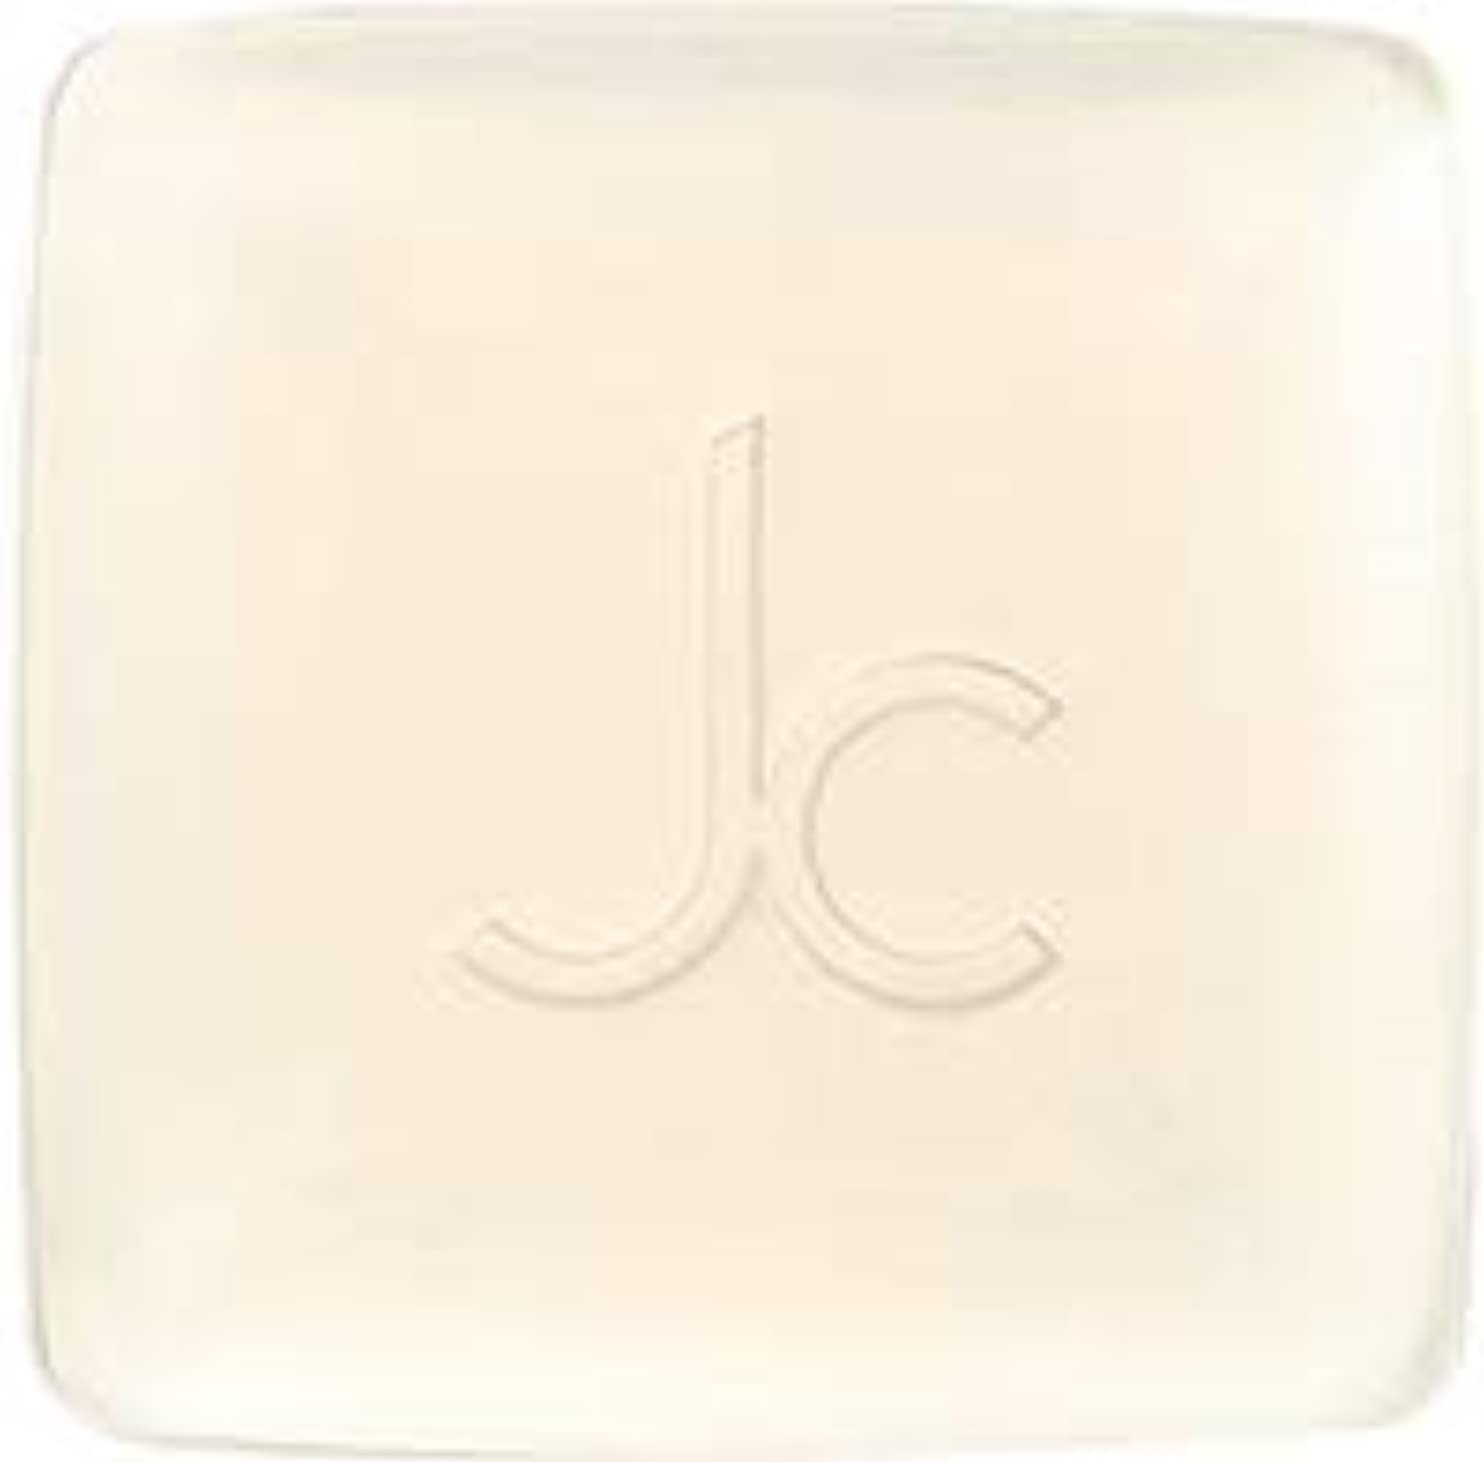 JC ピールシャボン 100g